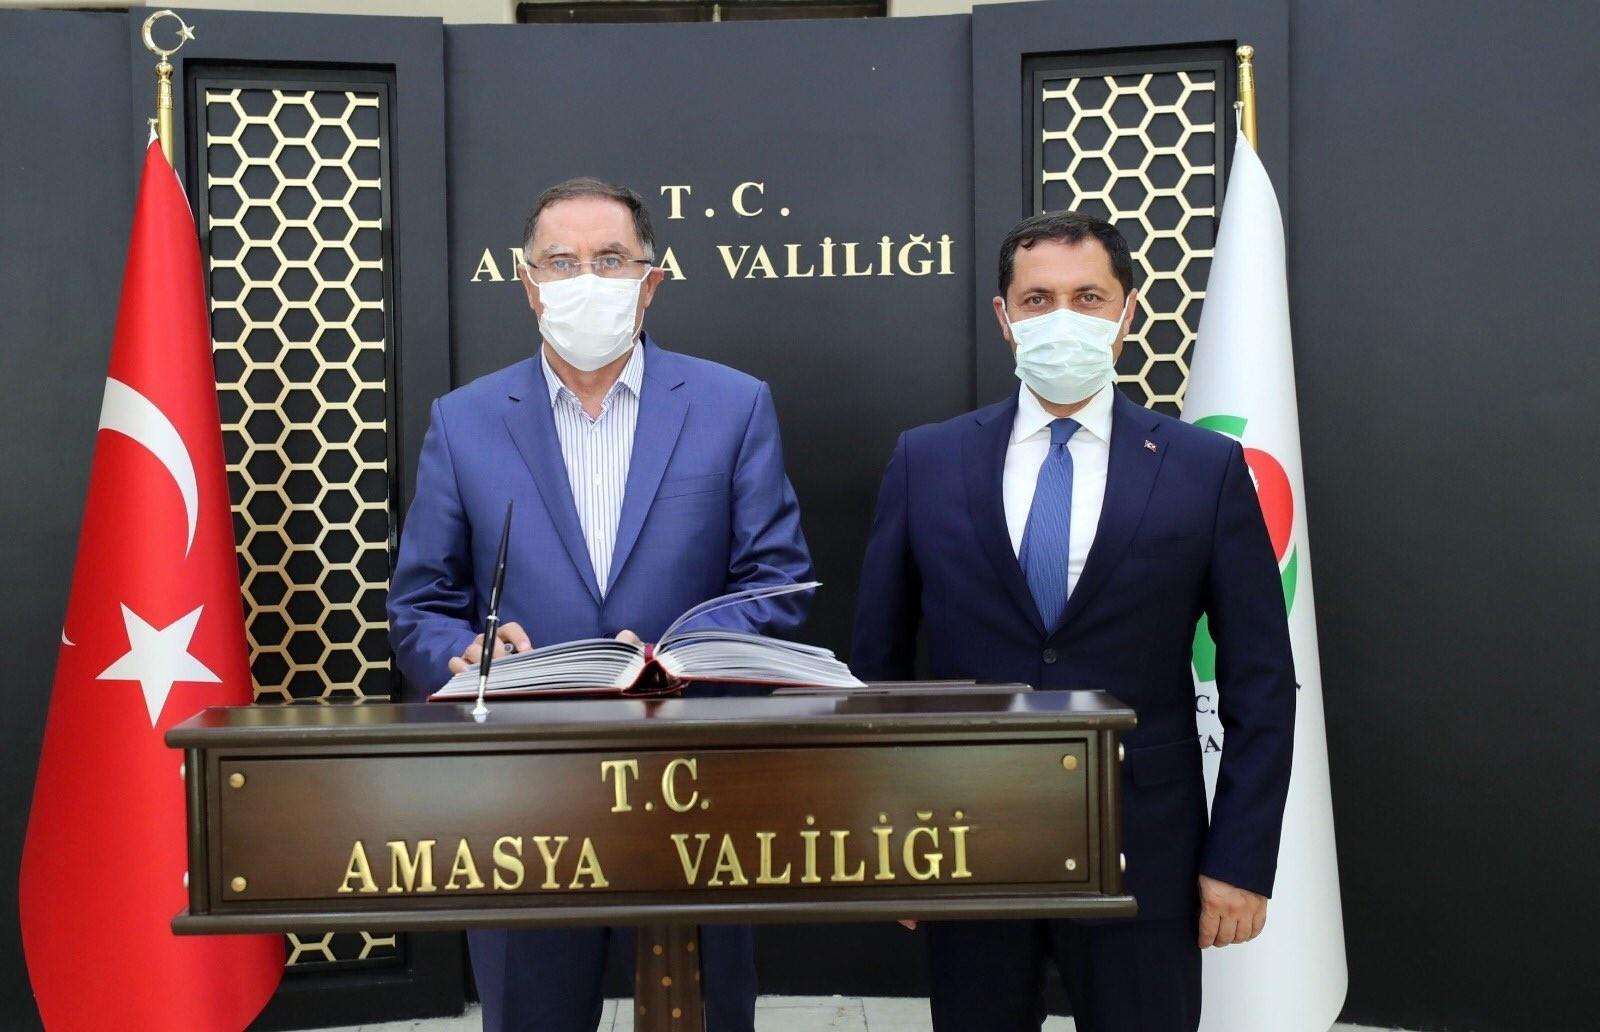 Kamu Başdenetçisi Şeref Malkoç'tan Vali Masatlı'ya ziyaret